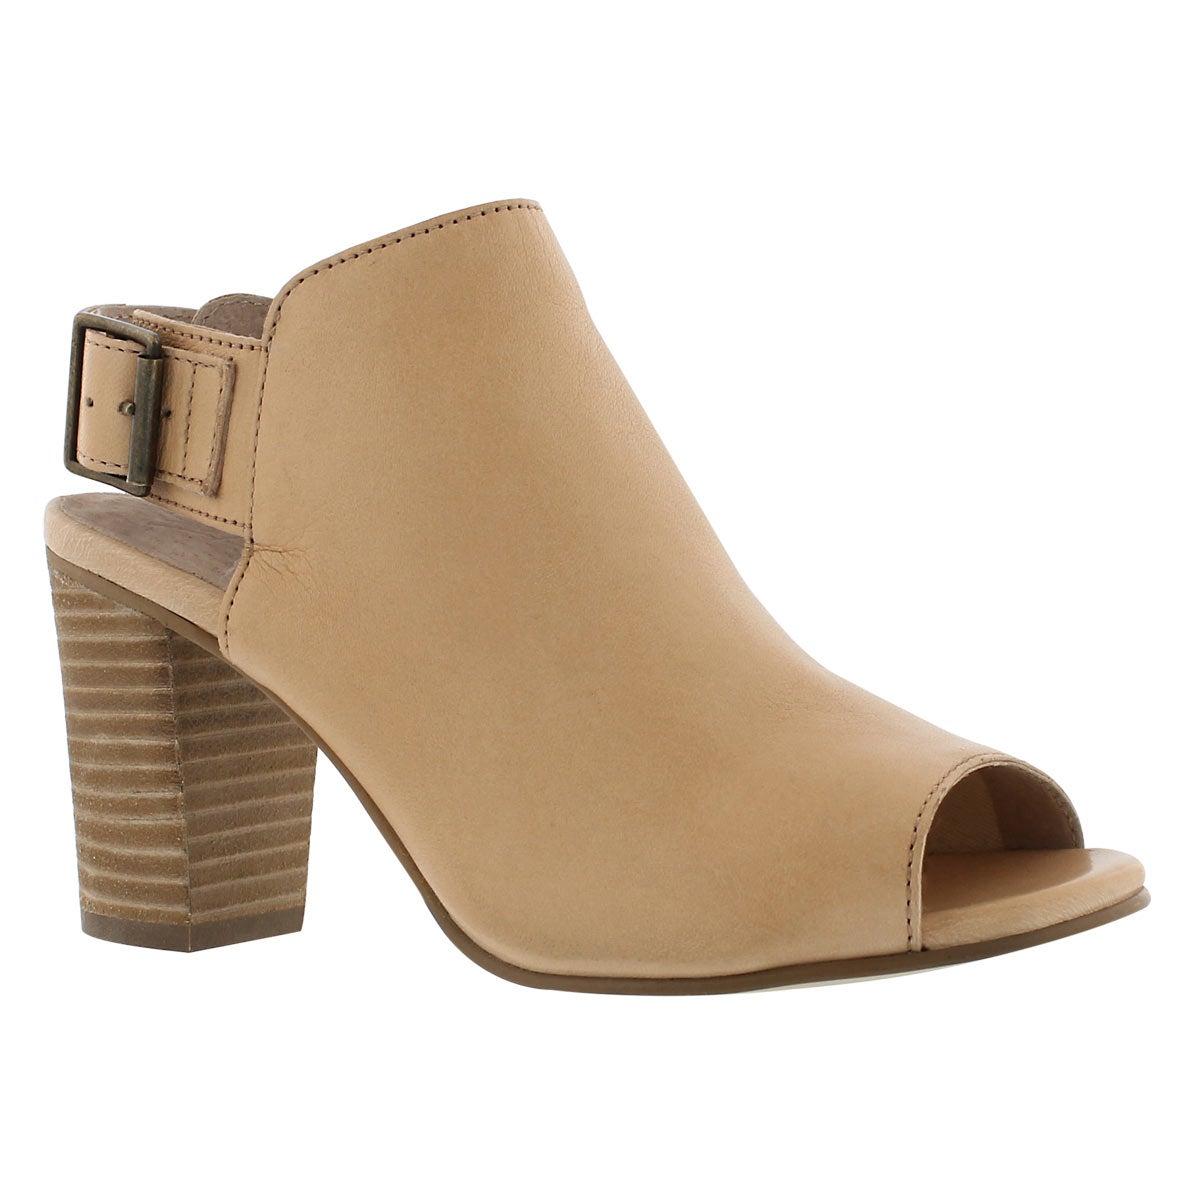 Women's FAYE beige peep toe dress sandals